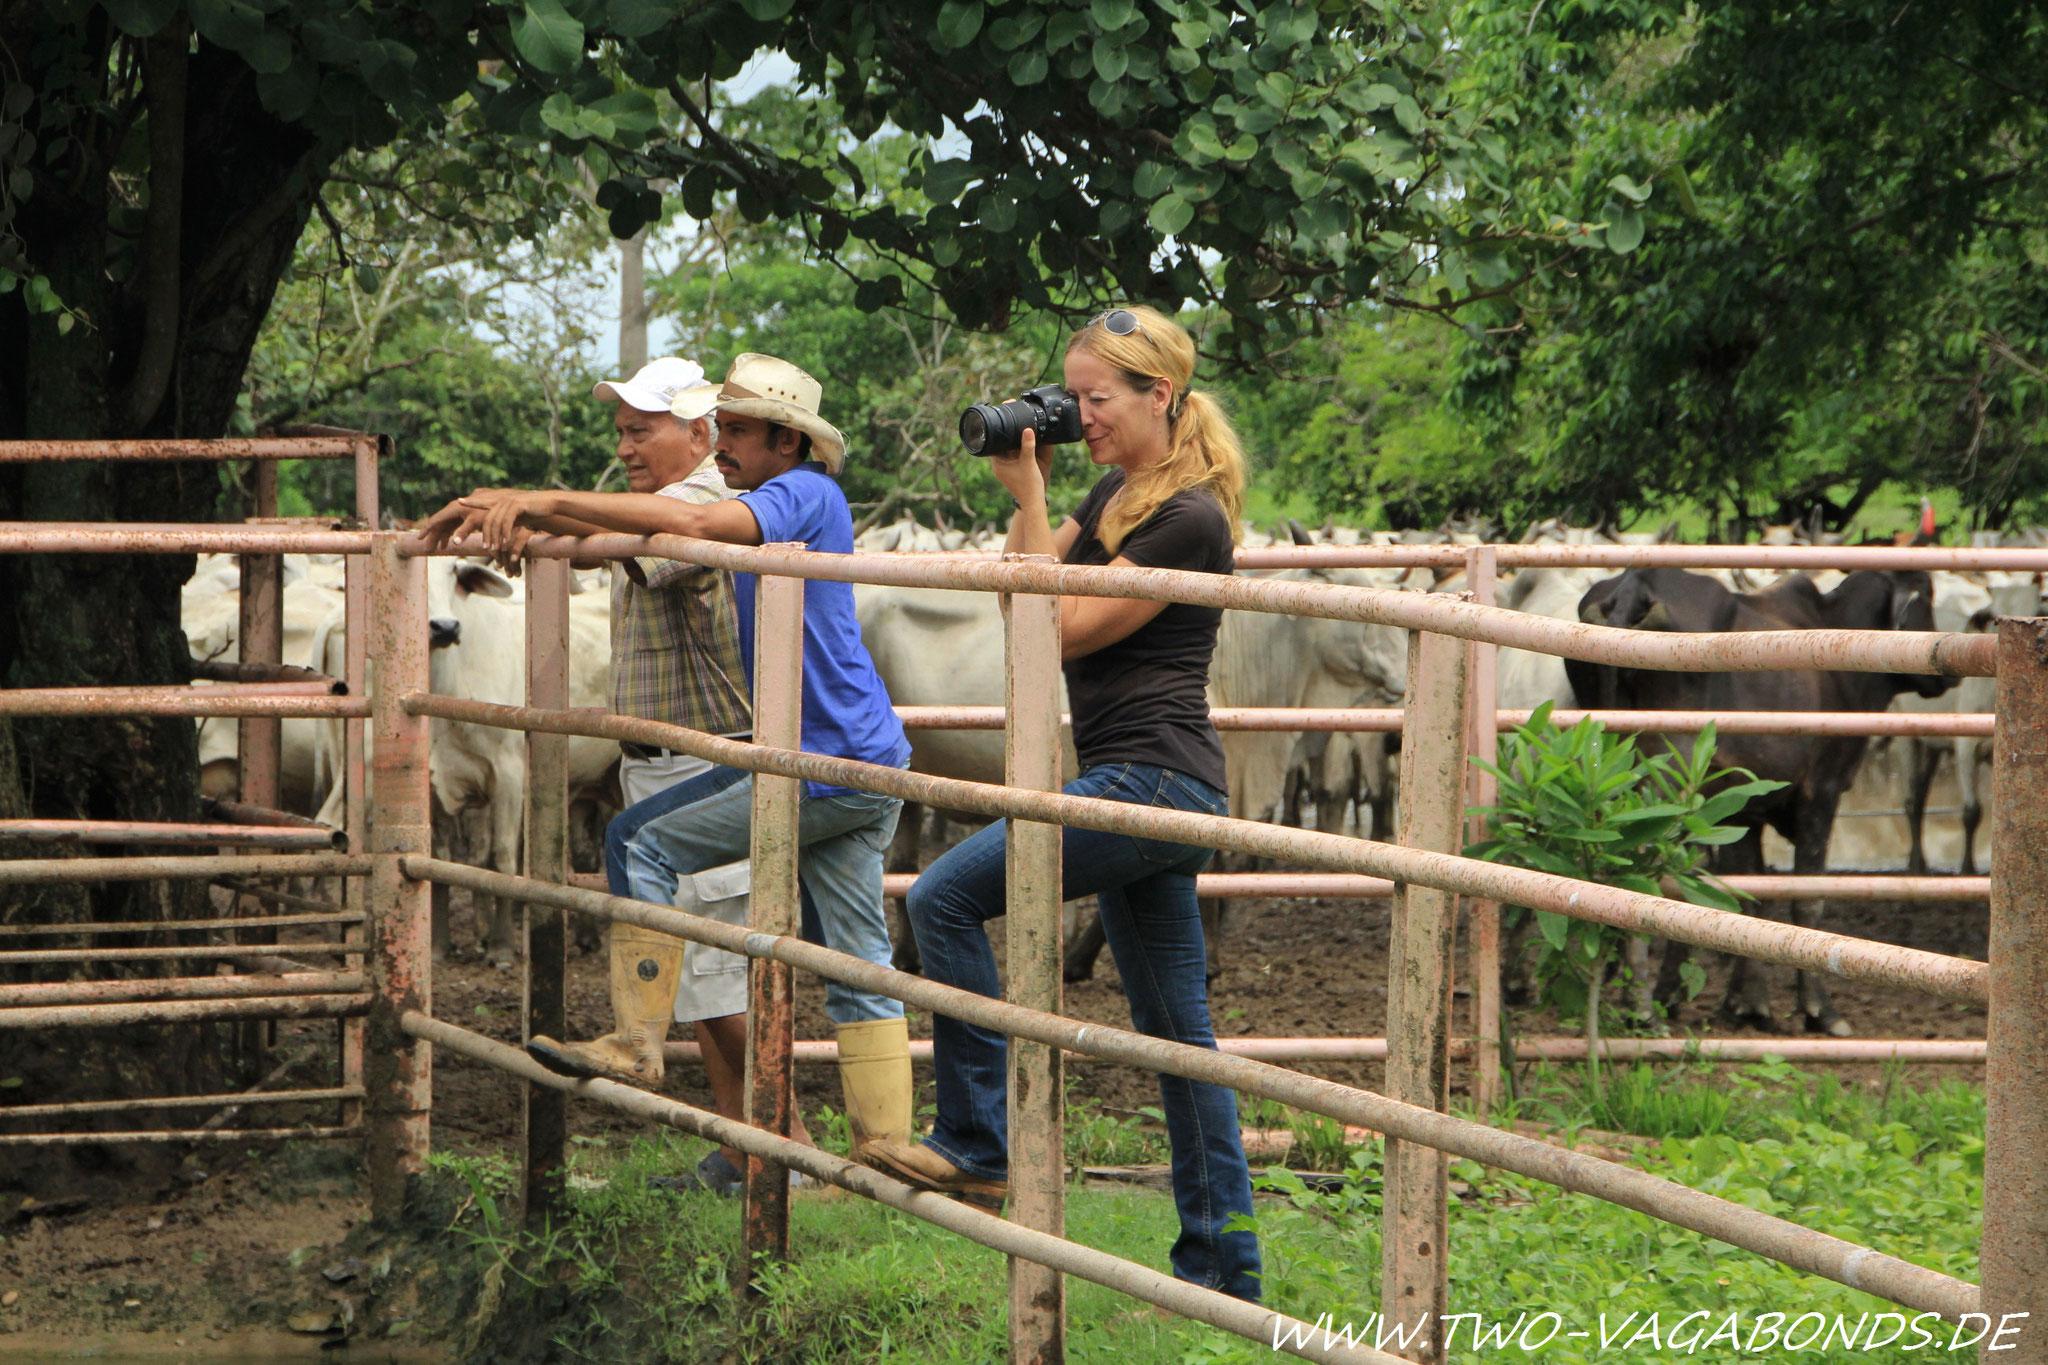 VENEZUELA 2014 - LLANOS / BEI DEN COWBOYS